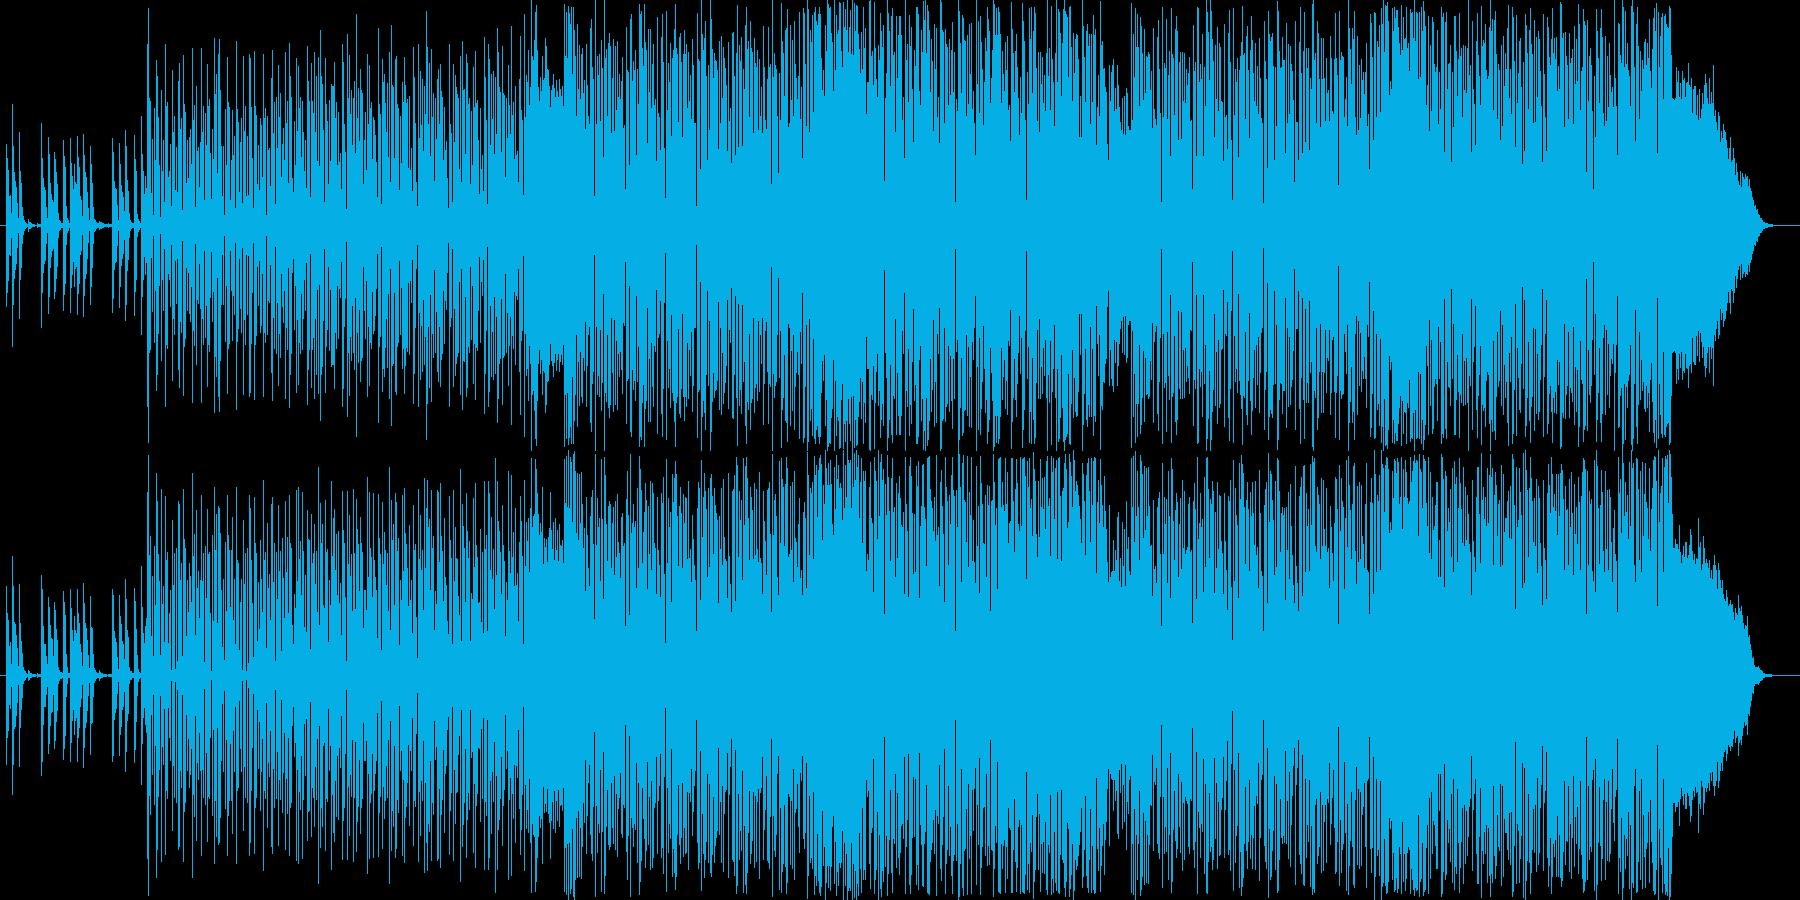 弾むような金属的な音の連続の再生済みの波形